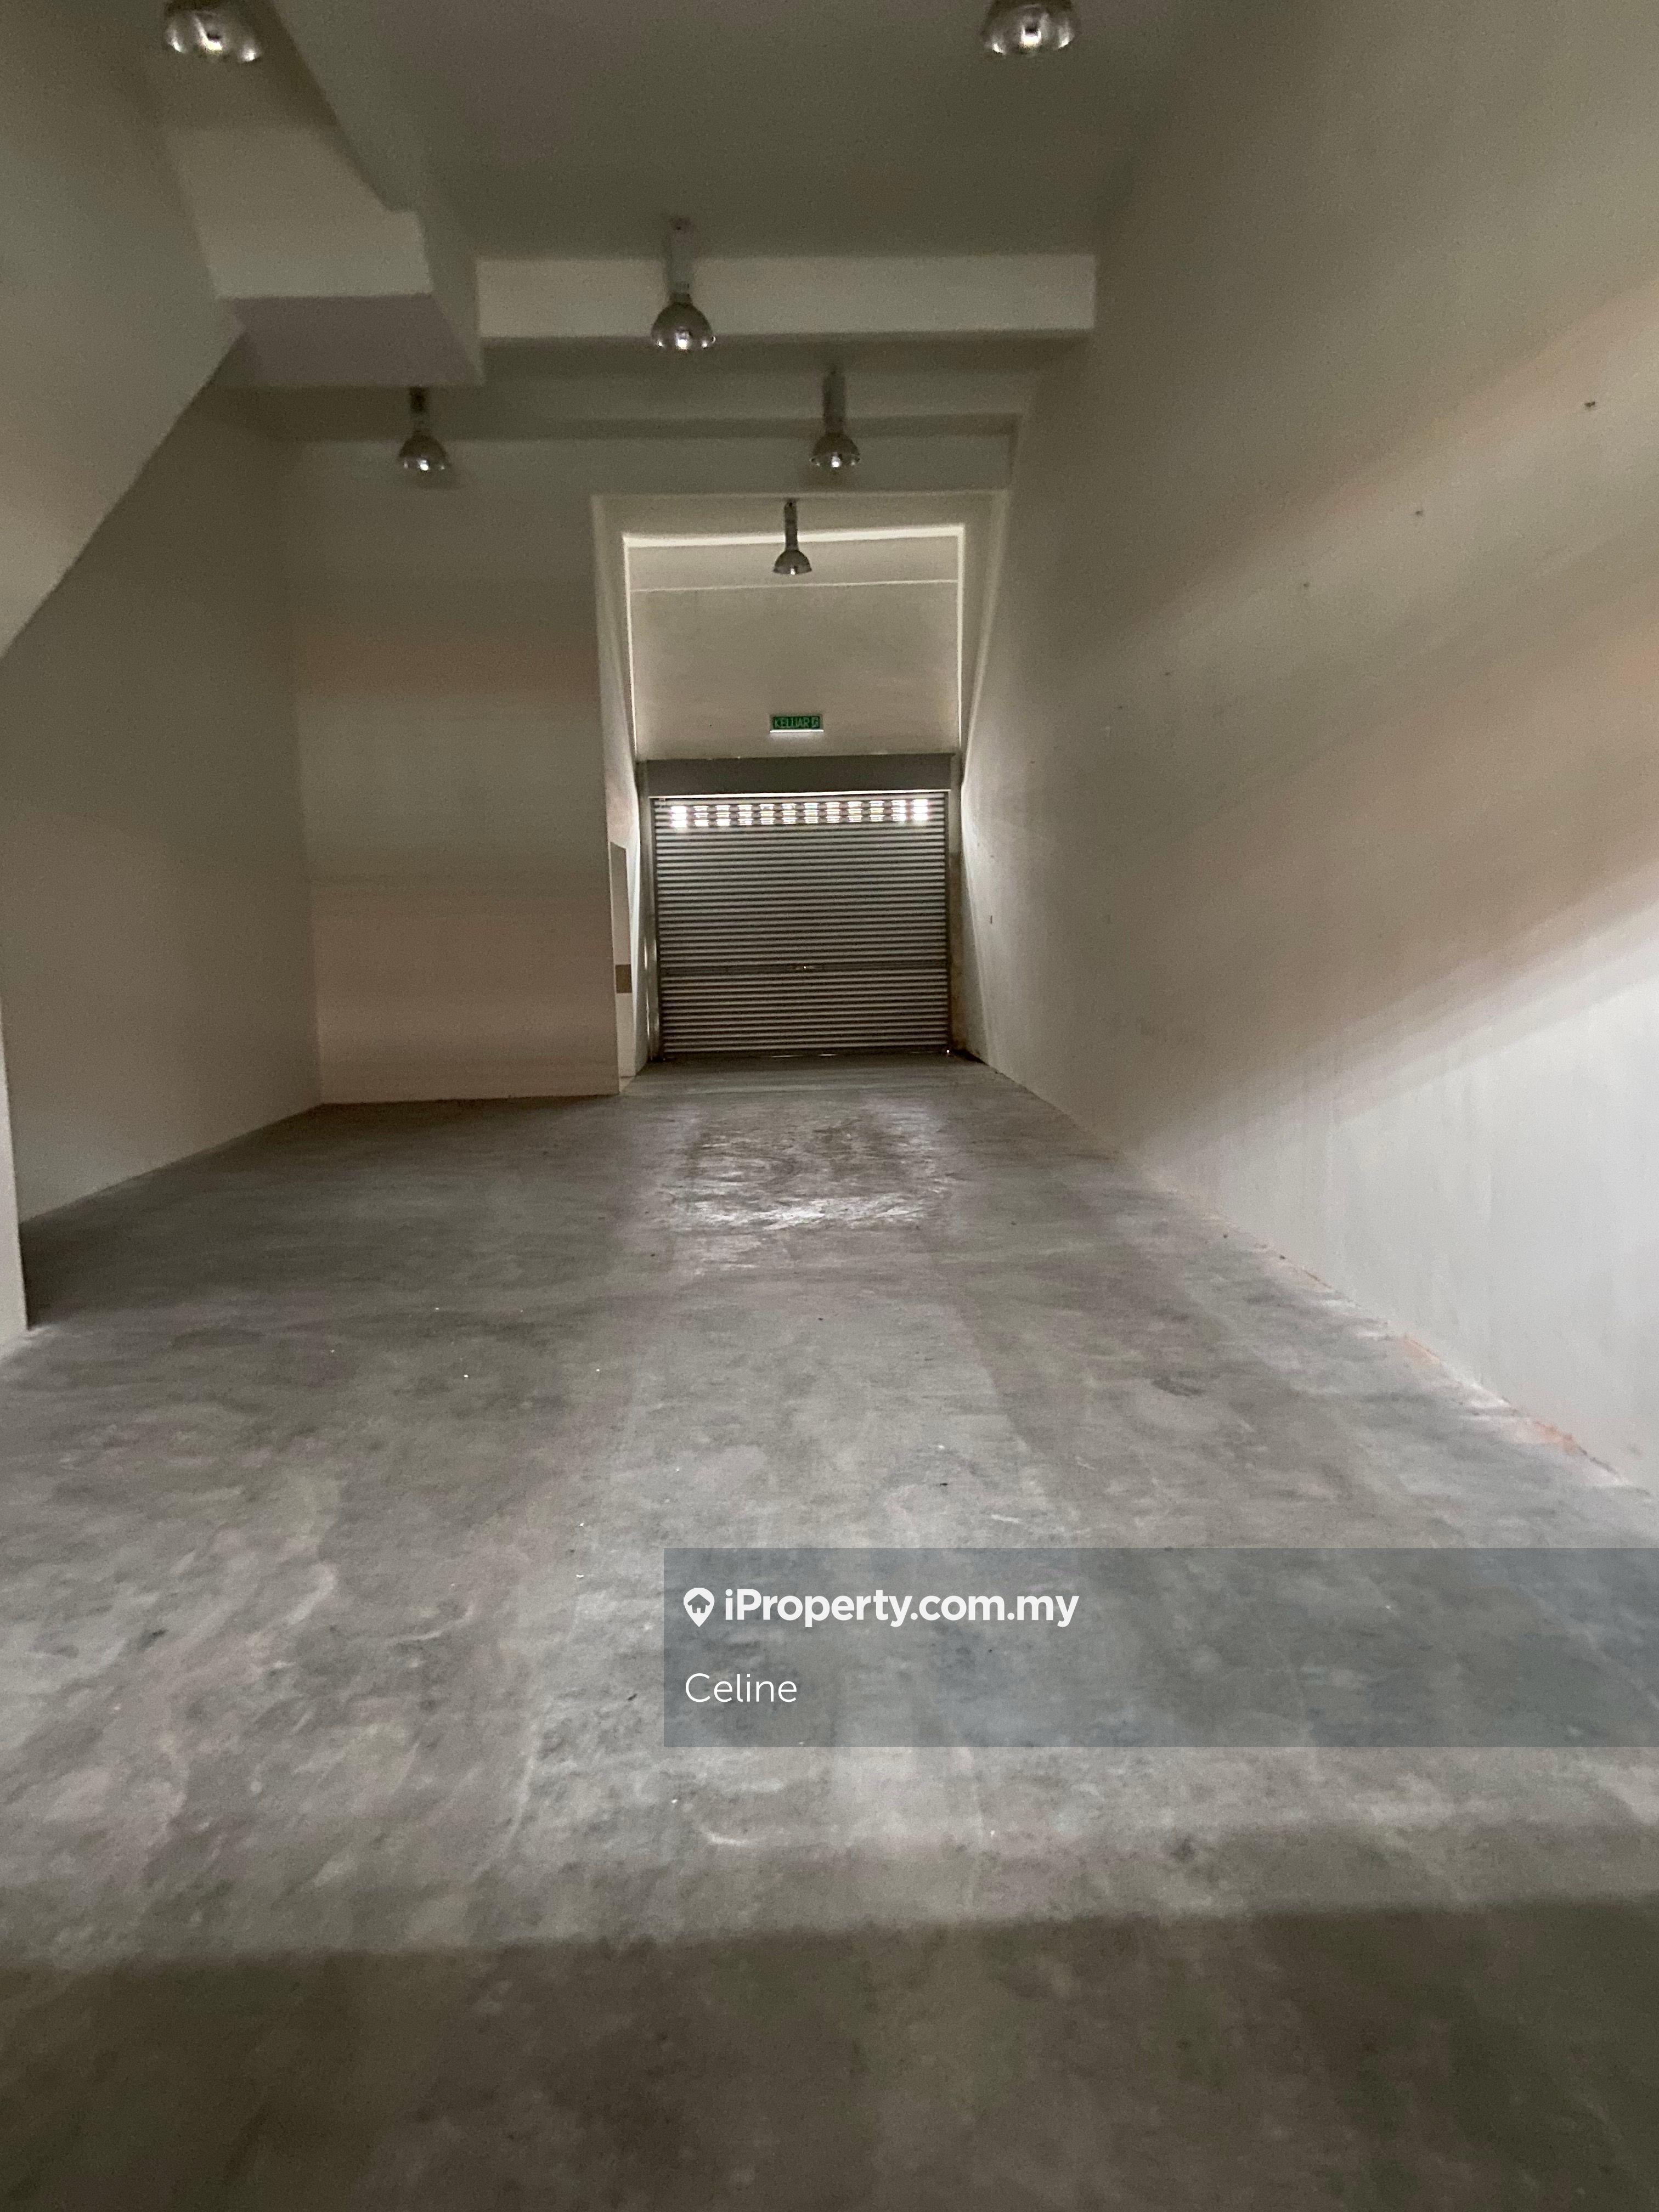 32 Avenue Phase 1 & 2, Merchant Avenue, Bukit Serdang, Bukit Serdang, Seri Kembangan, 32 Avenue, Serdang